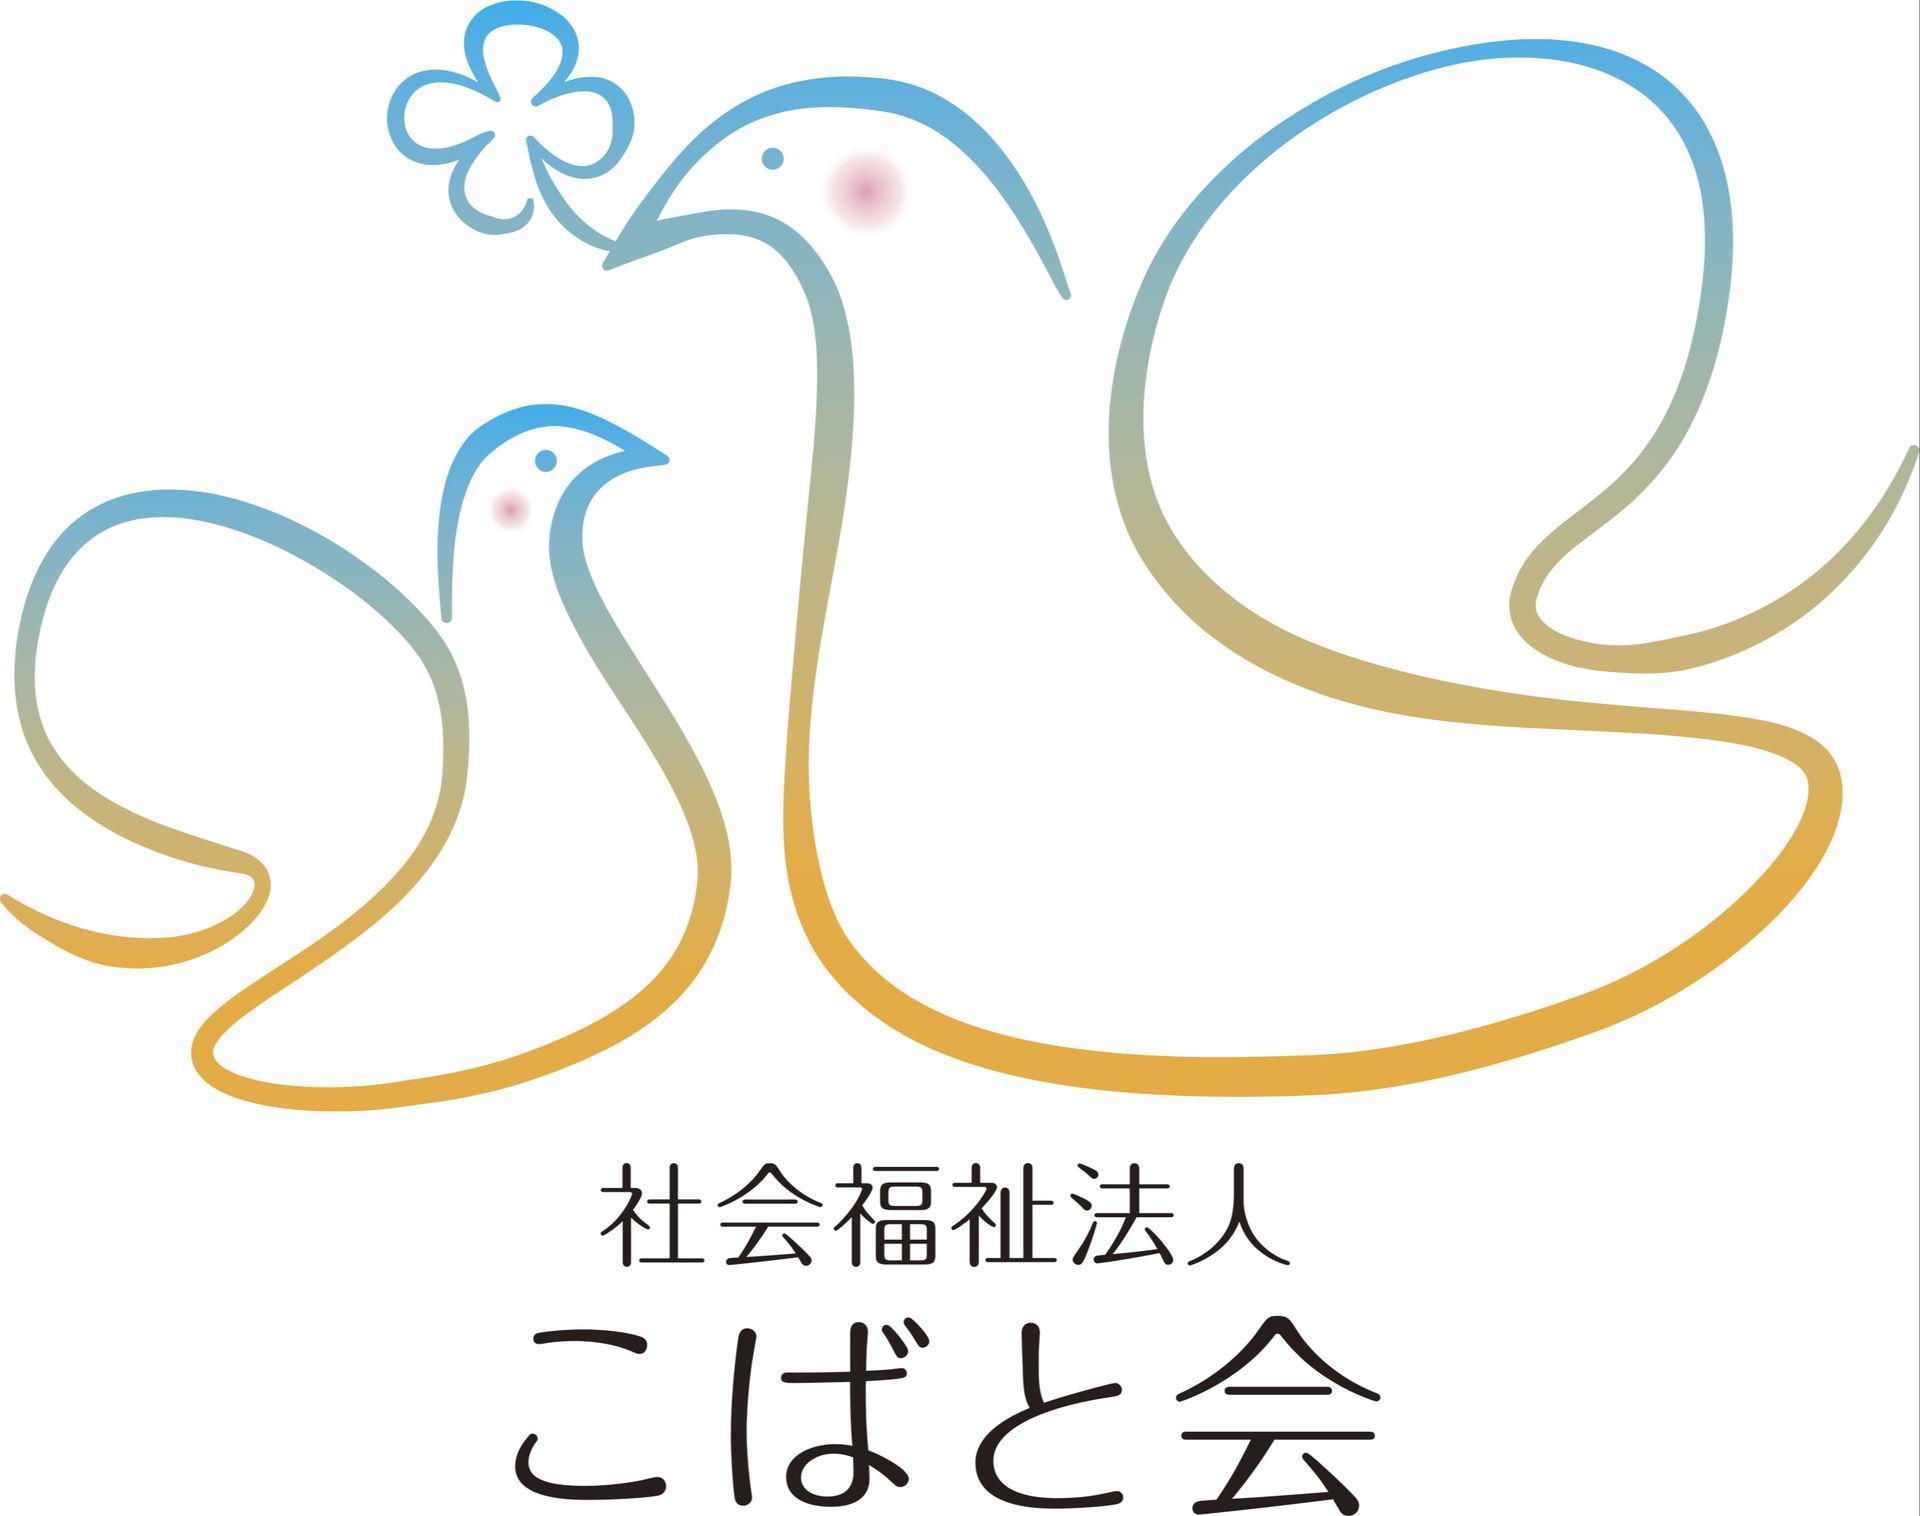 社会福祉法人こばと会 (特設採用サイト)